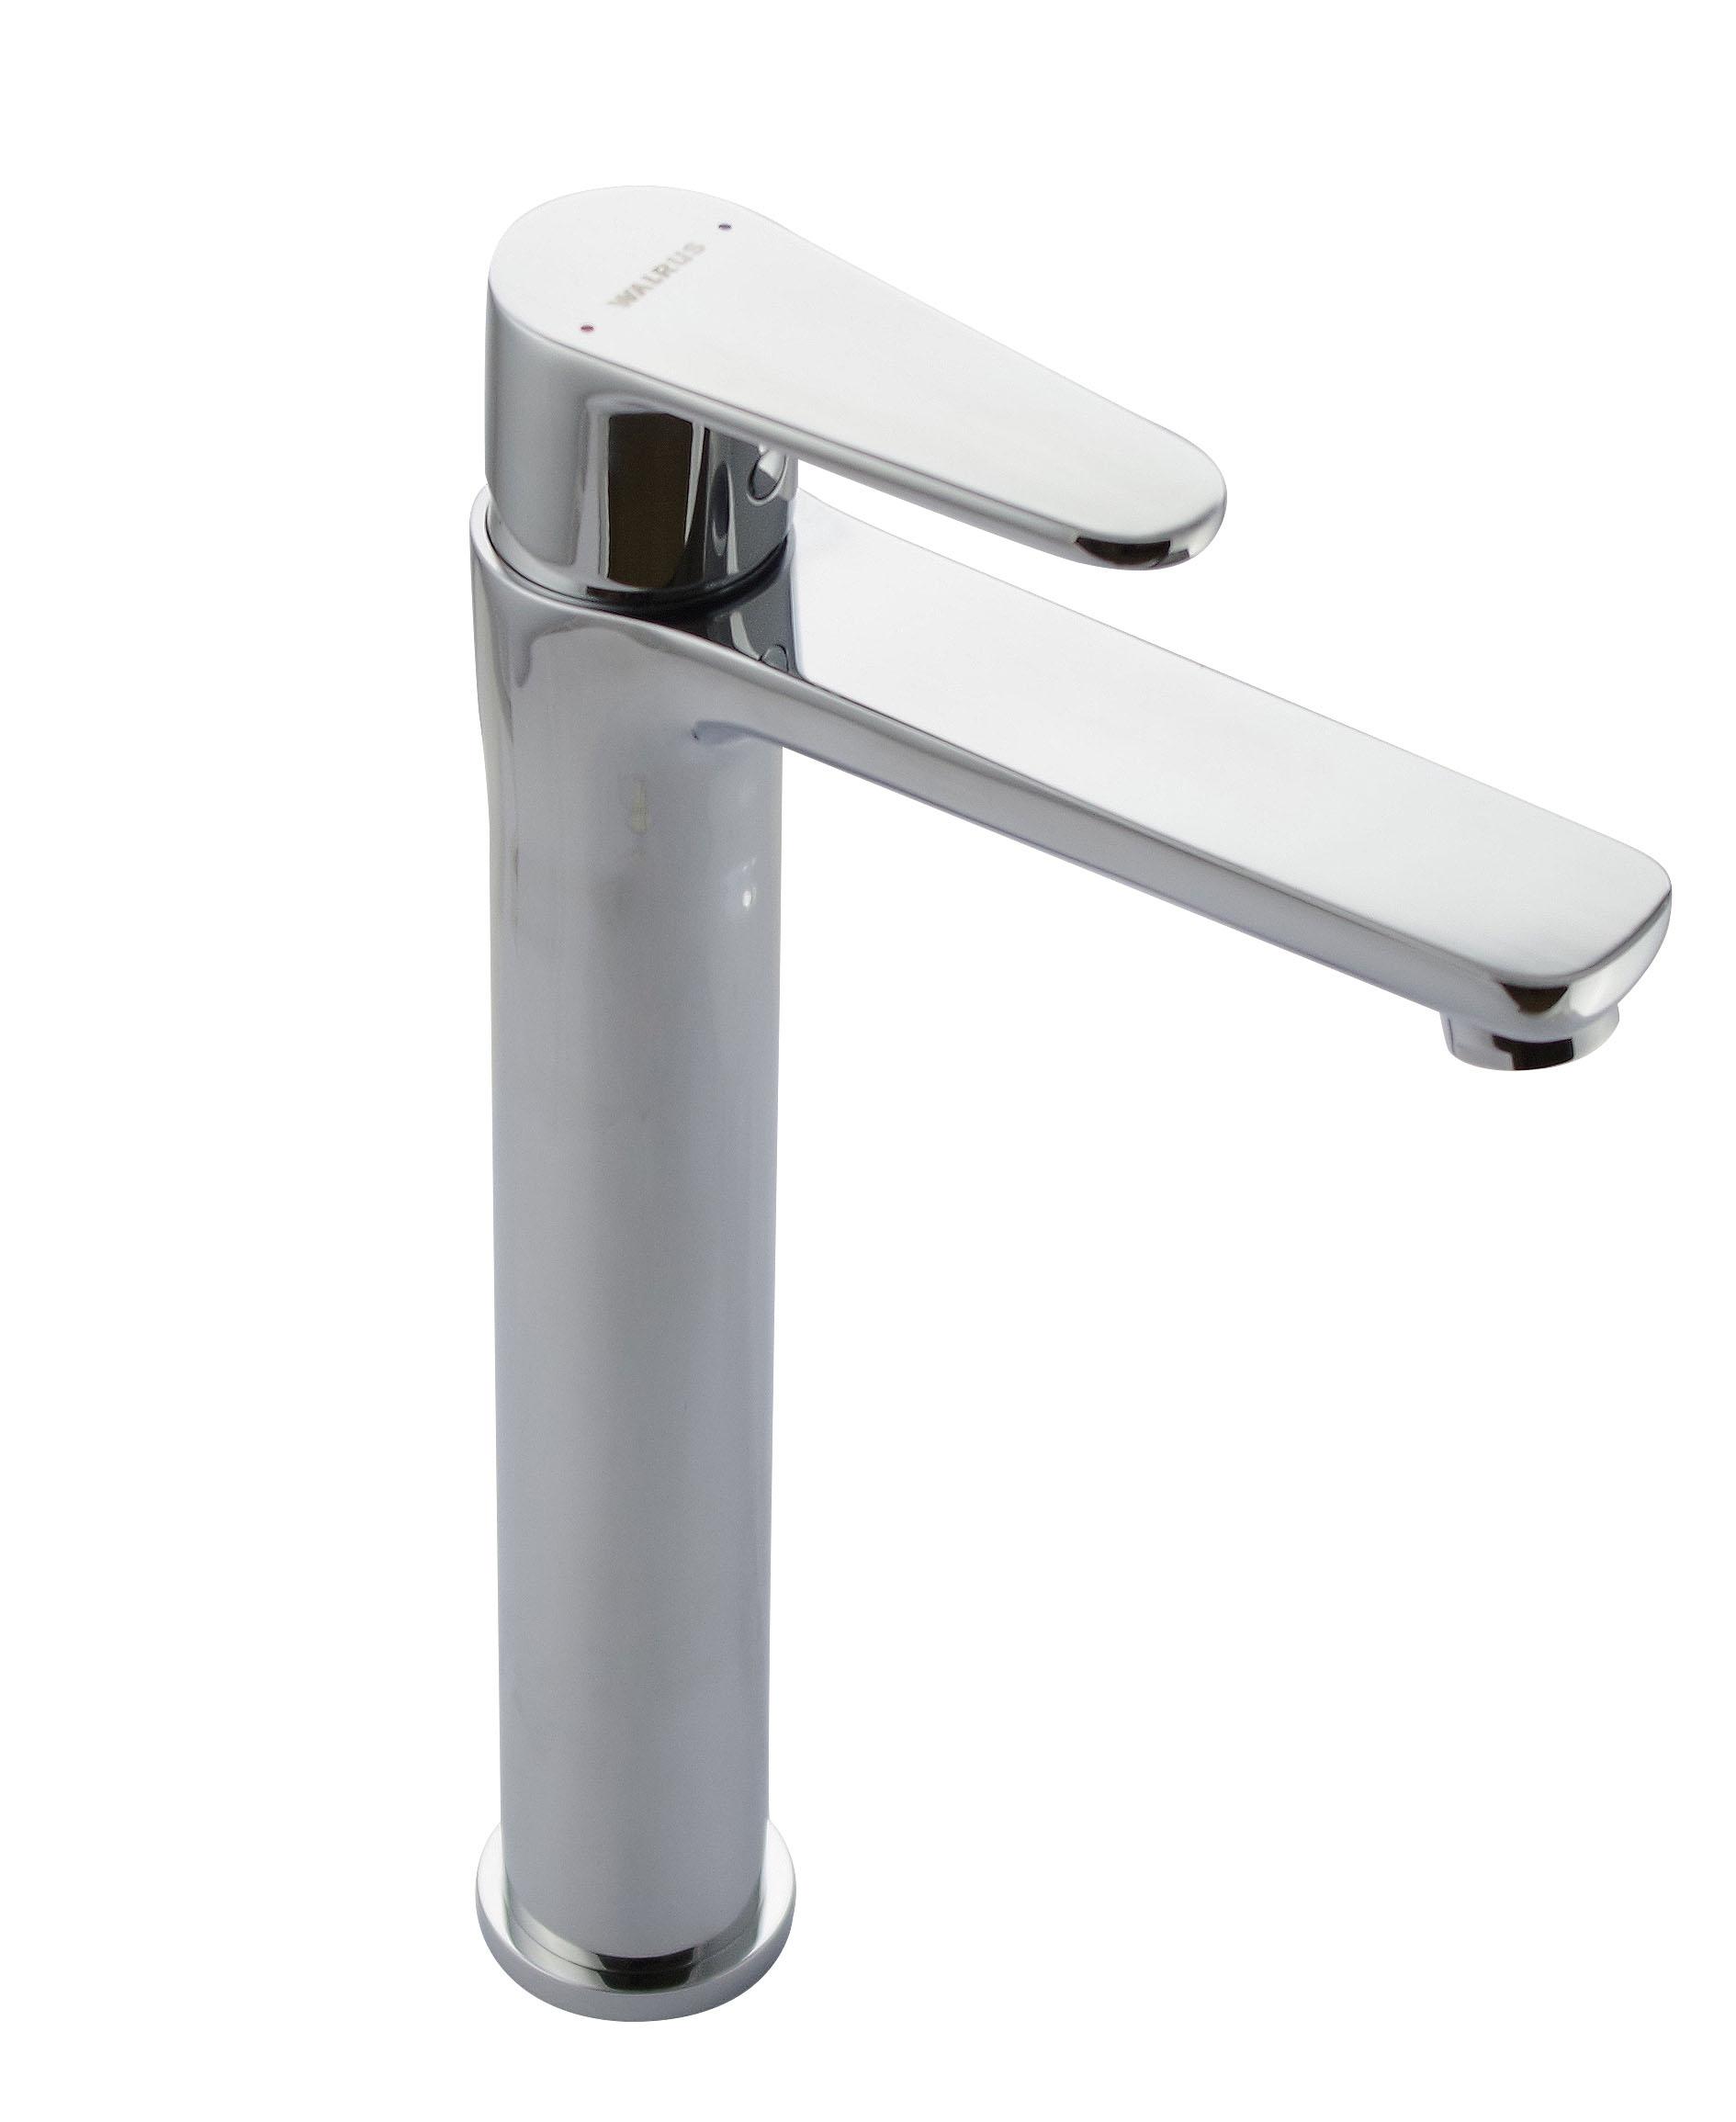 Walrus Avon 501203 高身面盆龍頭 250mm